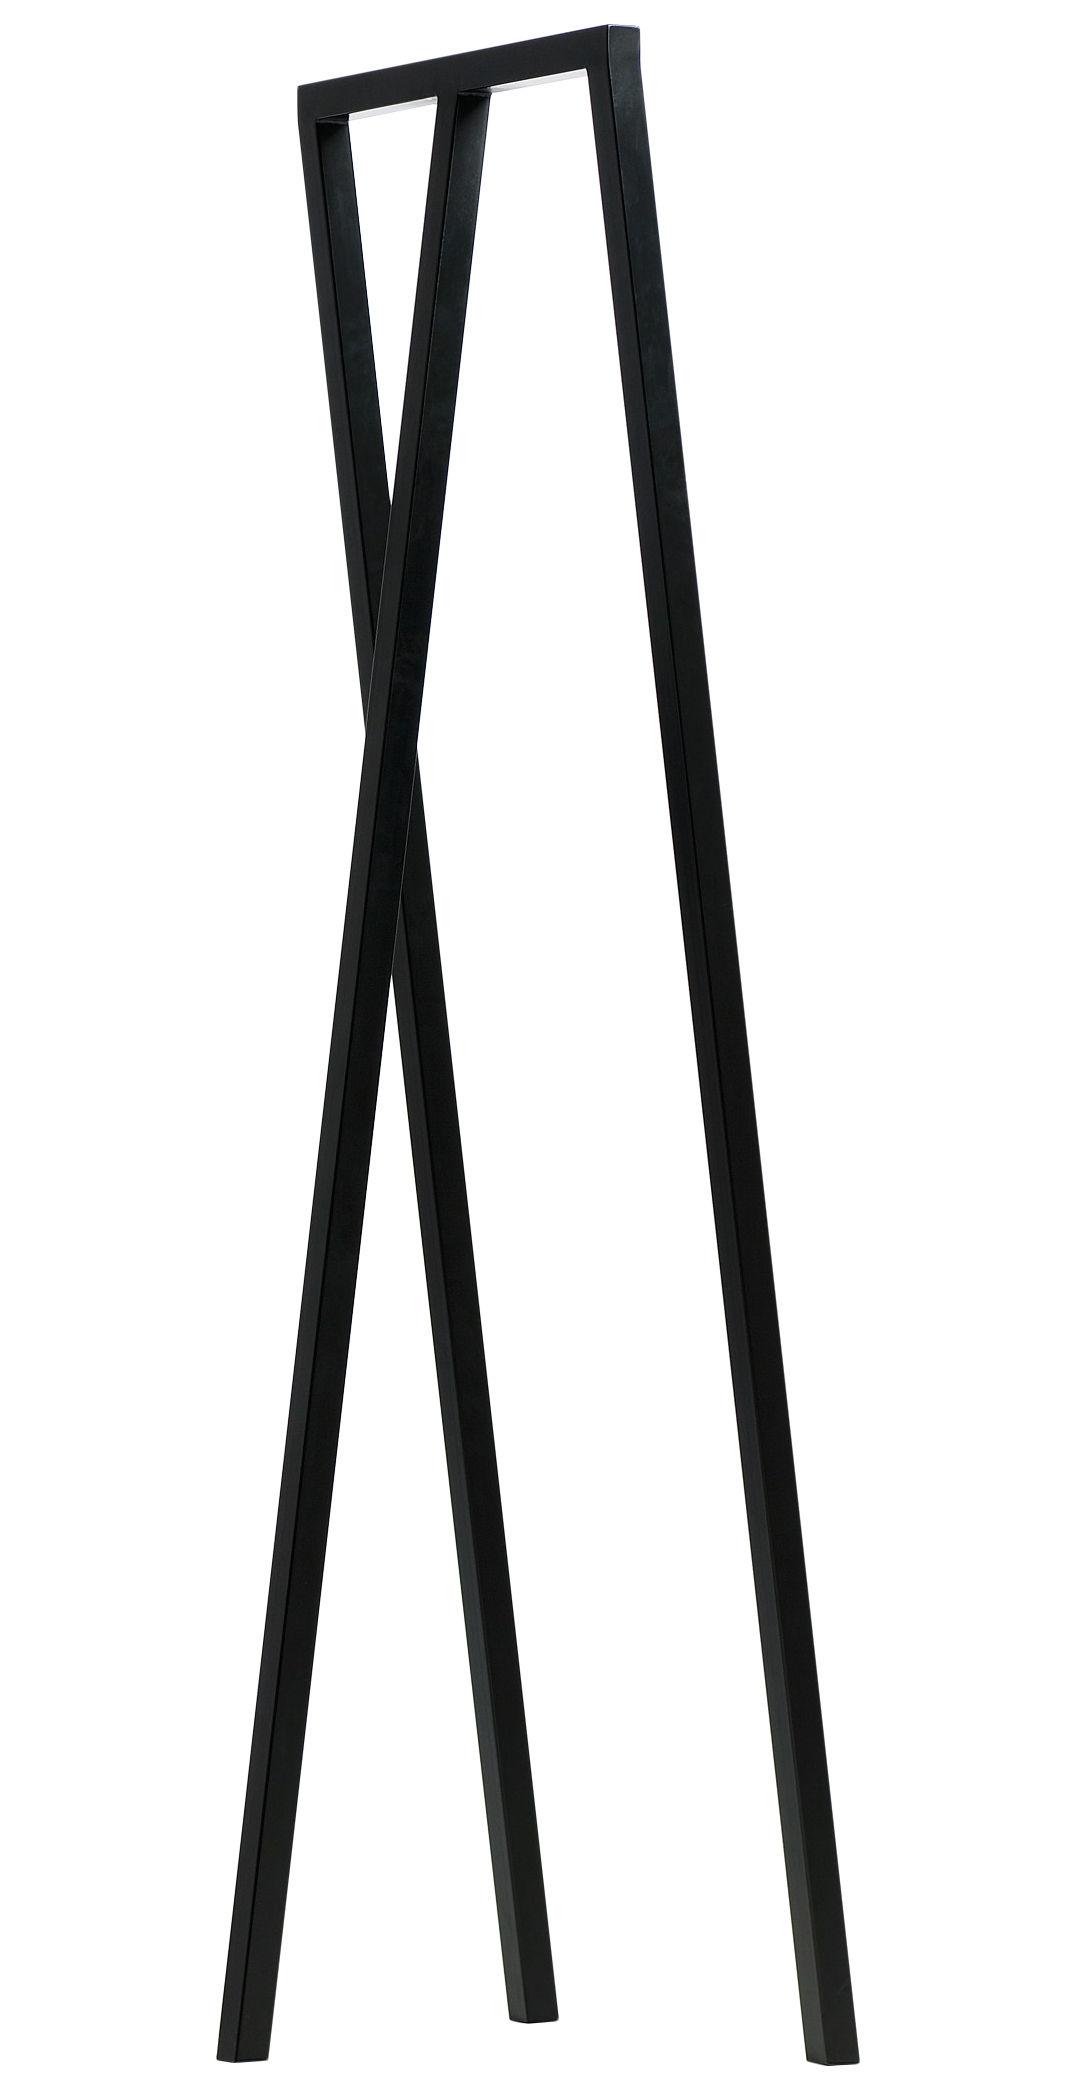 Möbel - Garderoben und Kleiderhaken - Loop Kleiderständer B 45 cm - Hay - Schwarz - lackierter Stahl